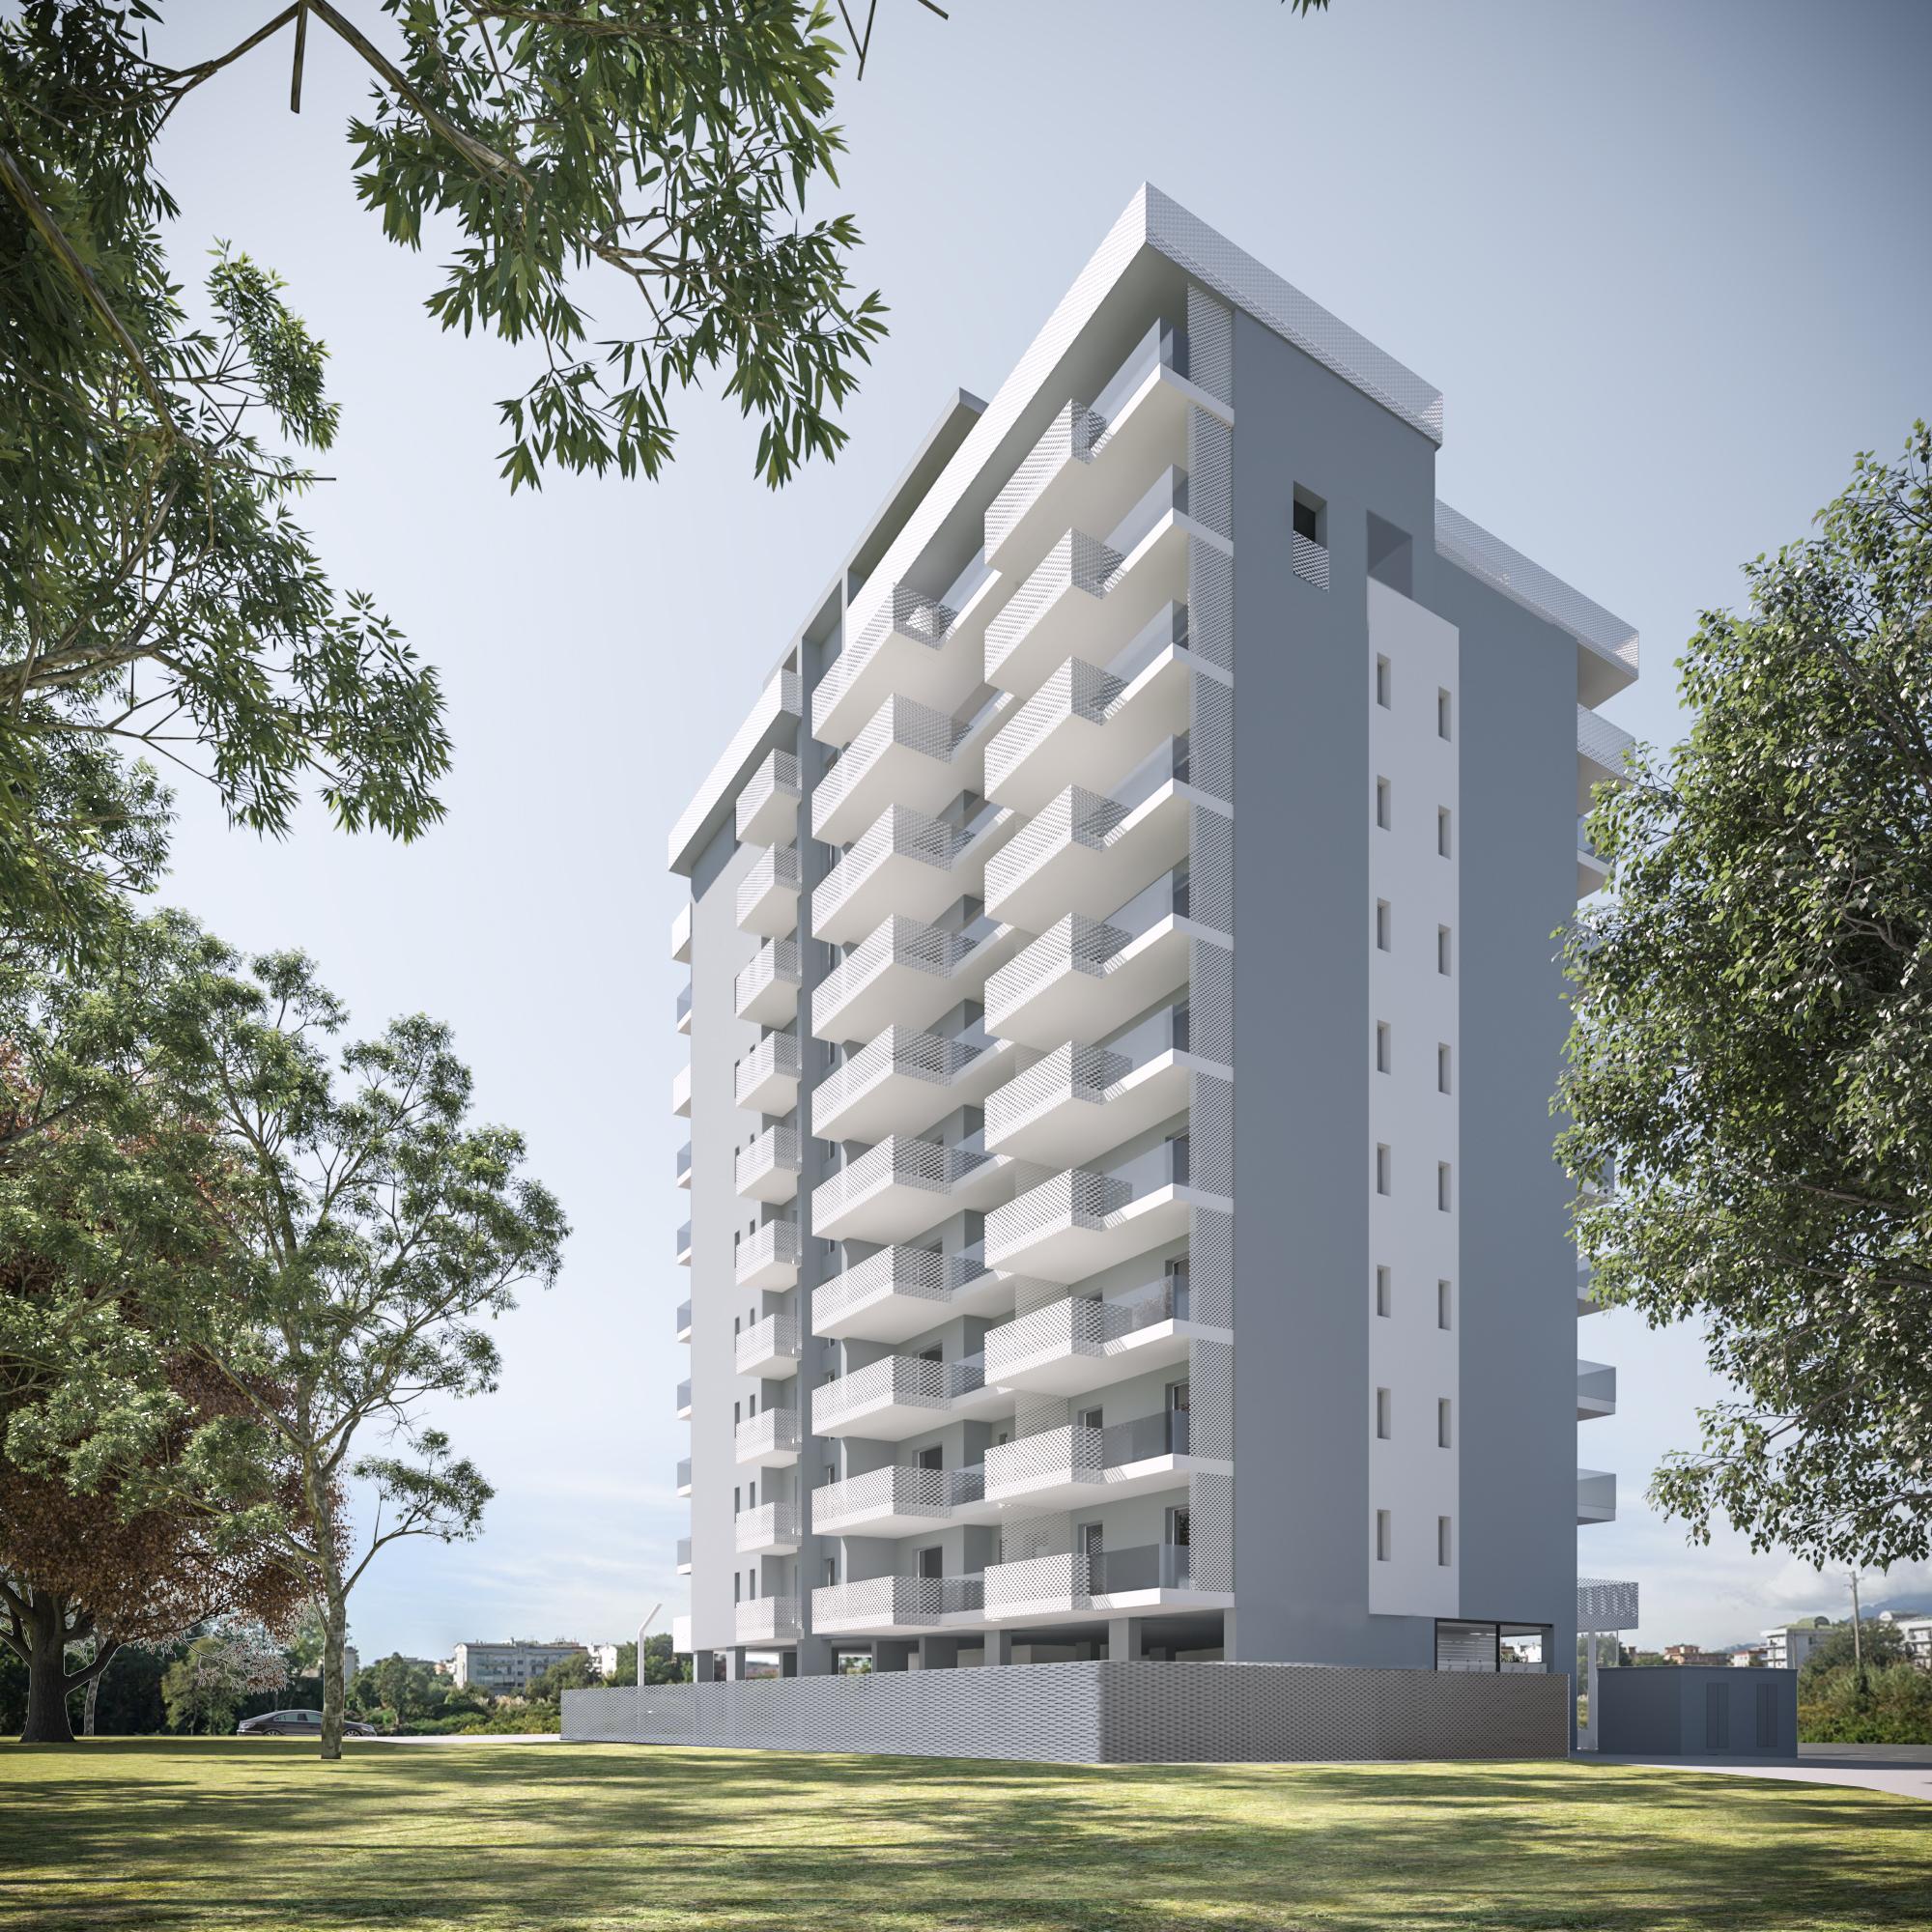 milara-srl-gruppo-postiglione-societa-di-costruzioni-e-vendita-appartamenti-immobili-residenziali-commerciali-cr53-f4-torre-nuova-torrione-vista-02-tt